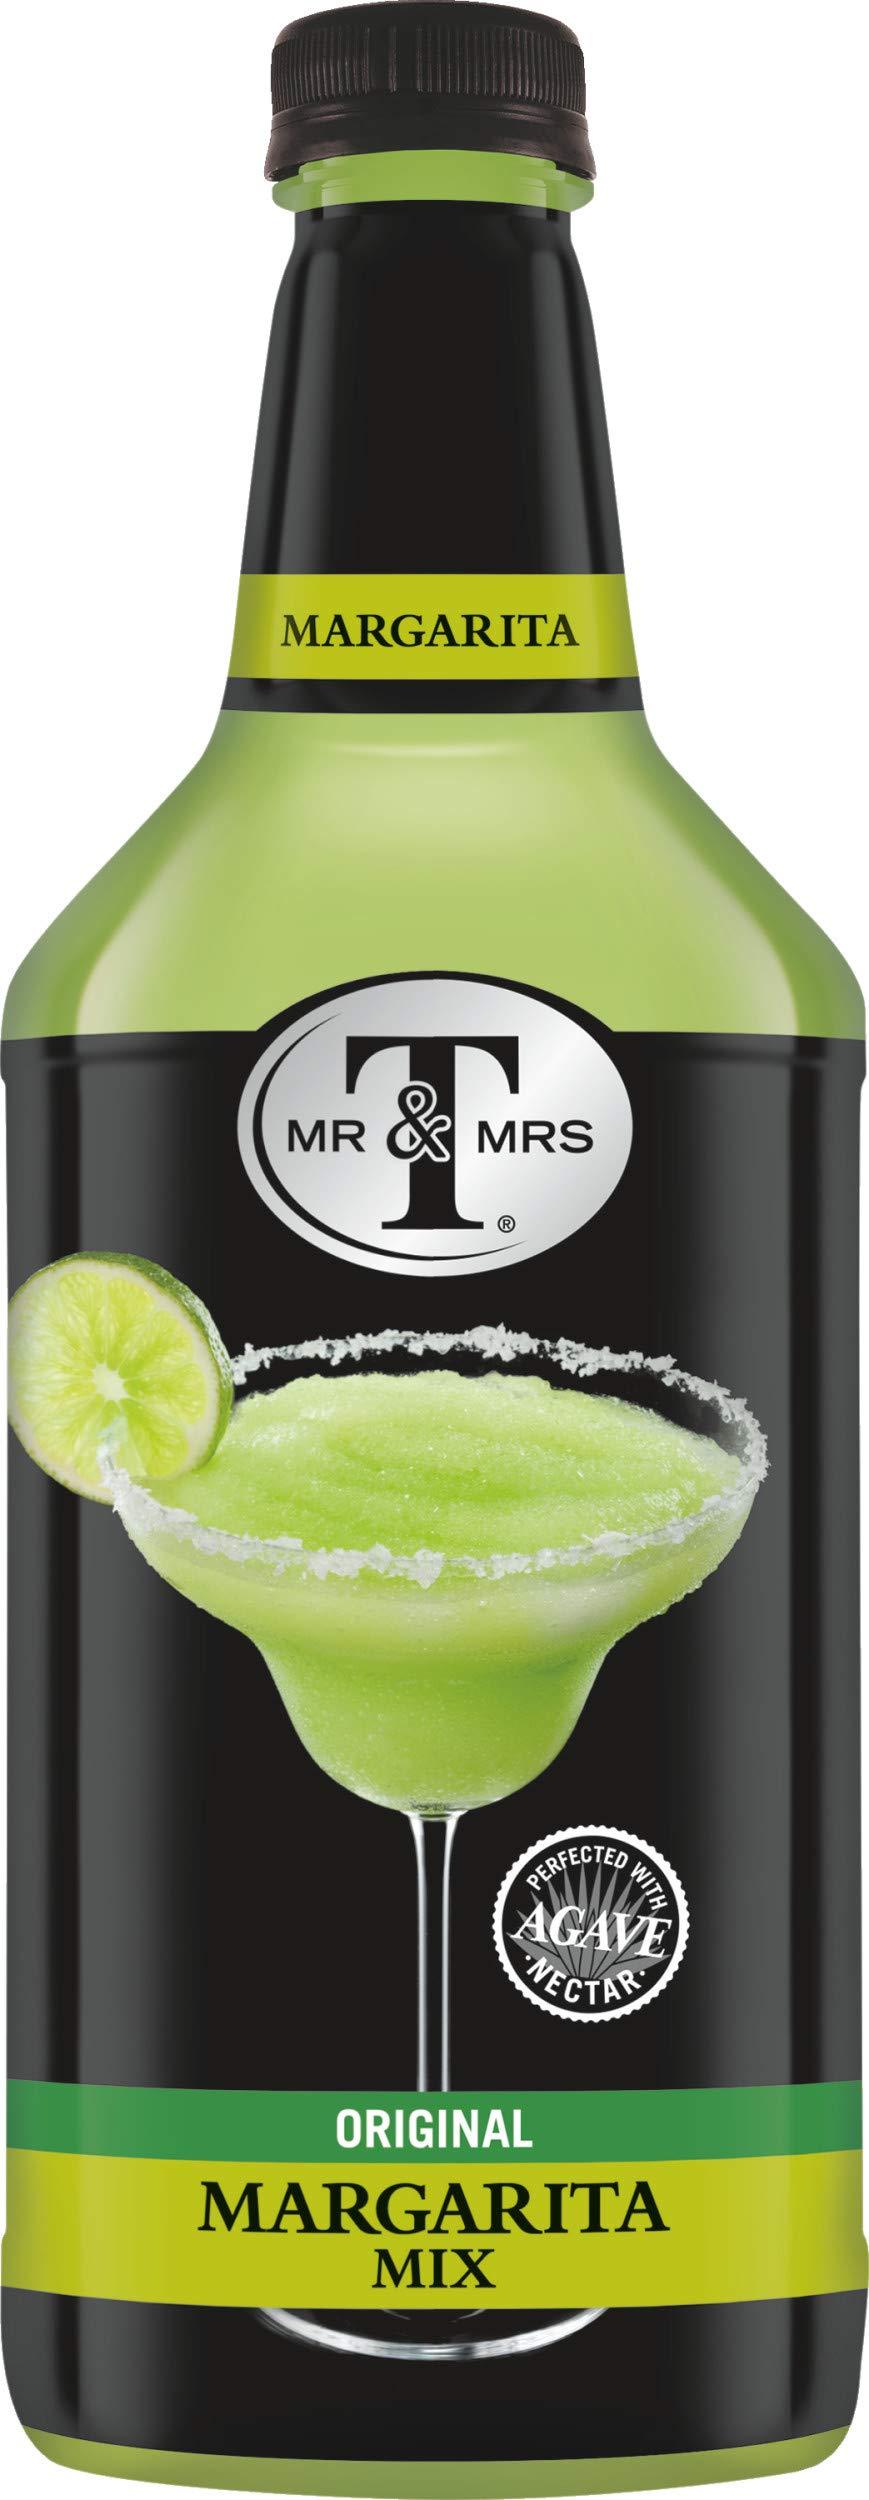 Mr & Mrs T Margarita Mix, 1.75 Liter Bottle (Pack of 6)